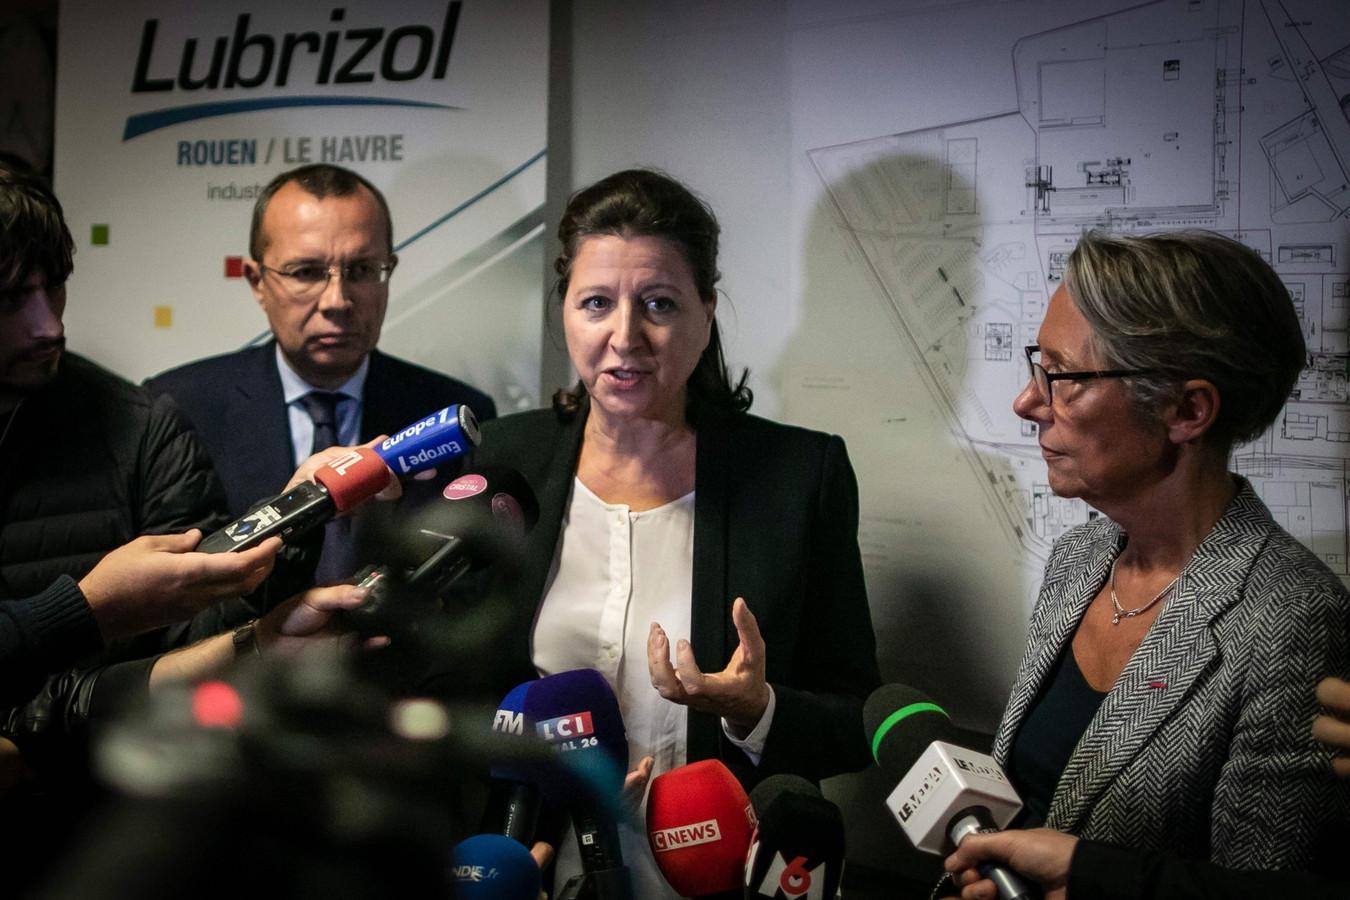 Agnes Buzyn (c), Elisabeth Borne (d) et  Pierre-Andre Durand (g) lors d'une conférence de presse à Rouen, le 27 septembre 2019.